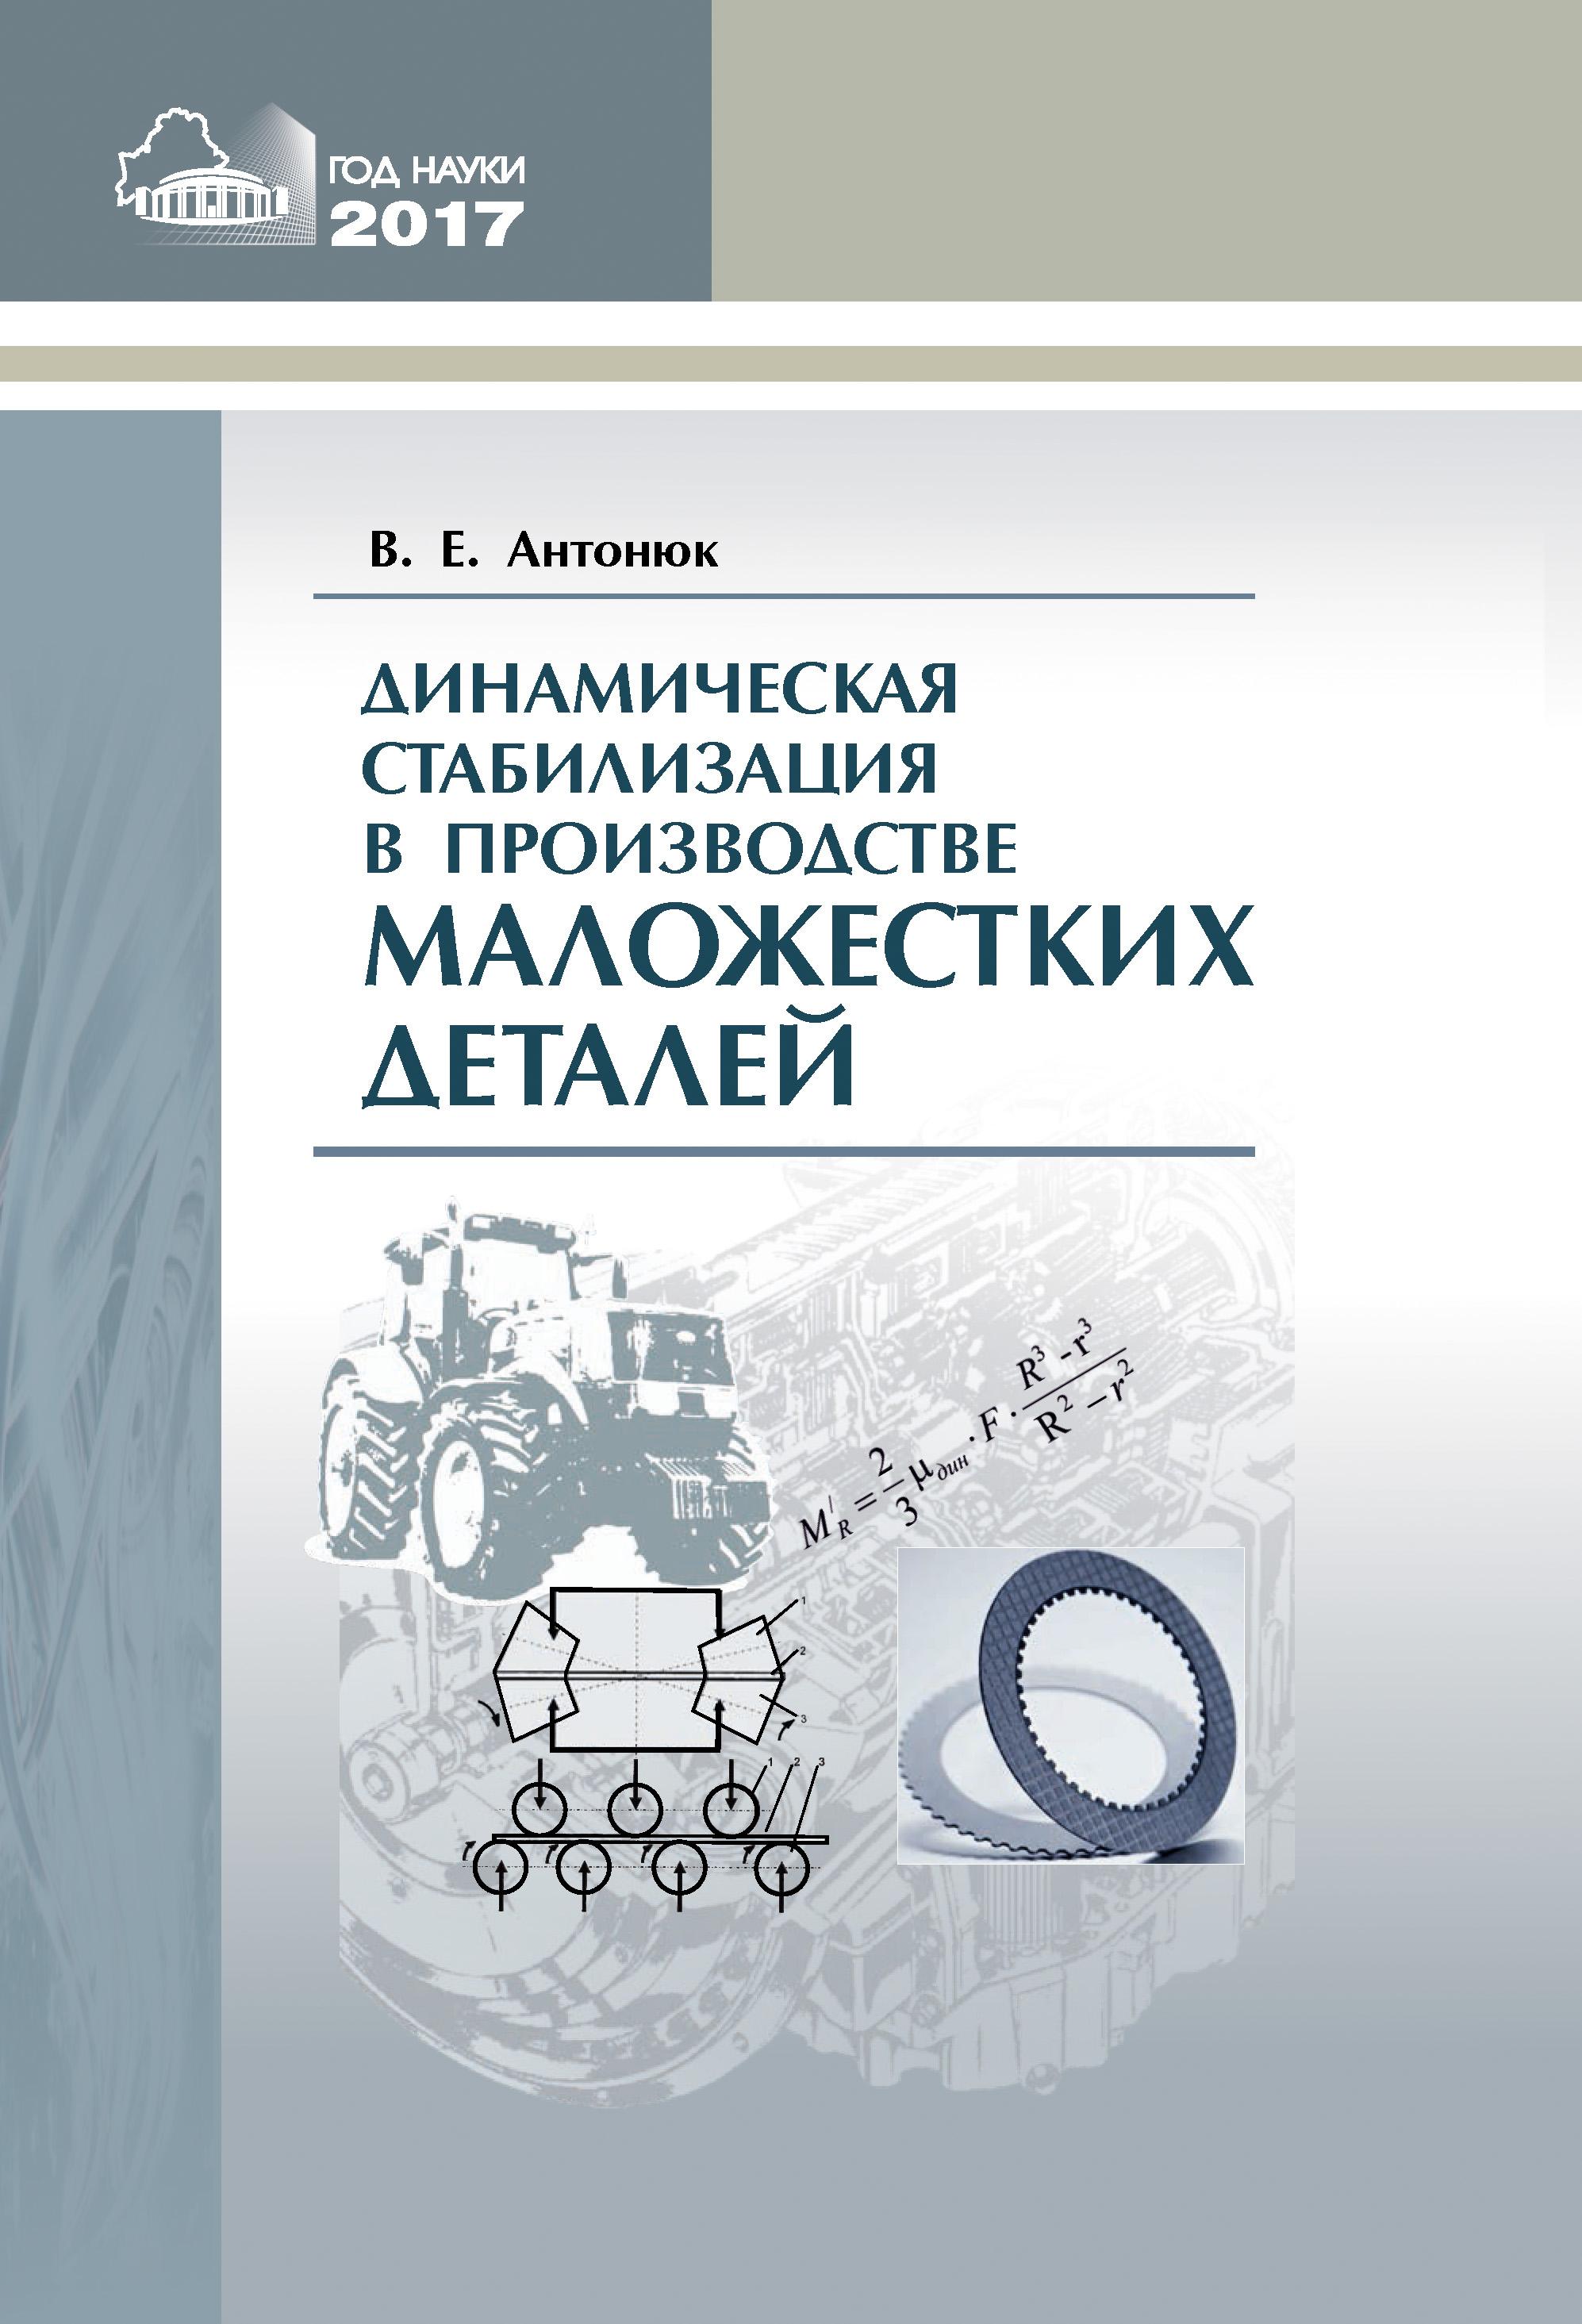 В. Е. Антонюк Динамическая стабилизация в производстве маложестких деталей